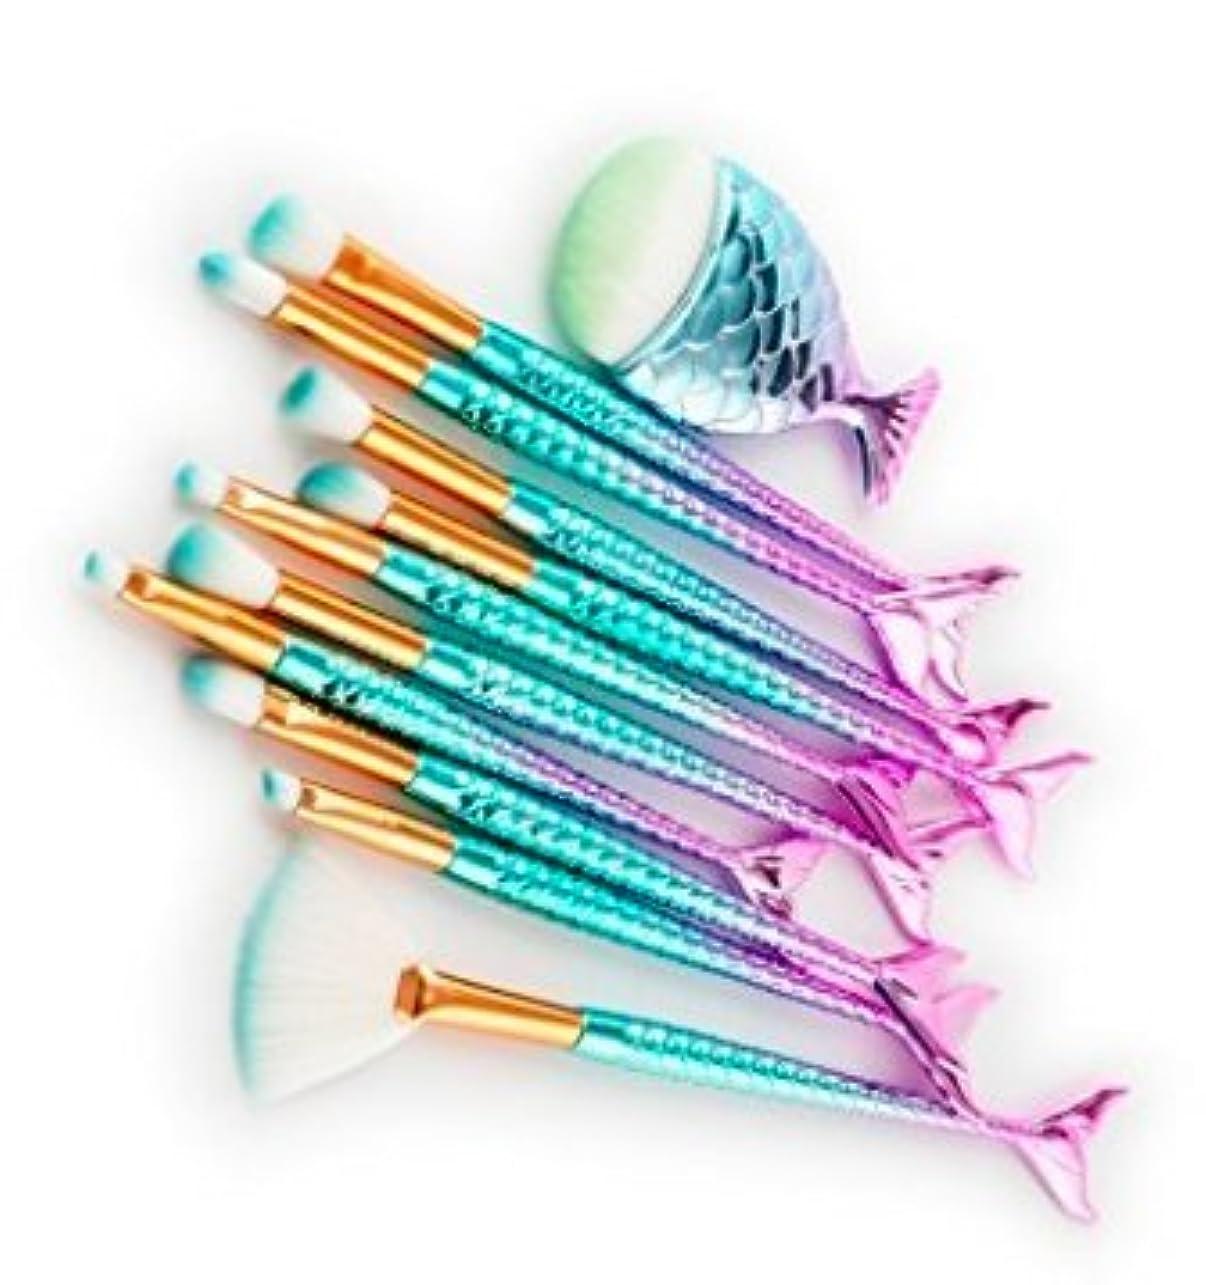 関税カスタム効果SYNC マーメイドブラシ メイクアップブラシ 10+1 11本セット 極細毛 フェイスケア ナイロン製 化粧筆